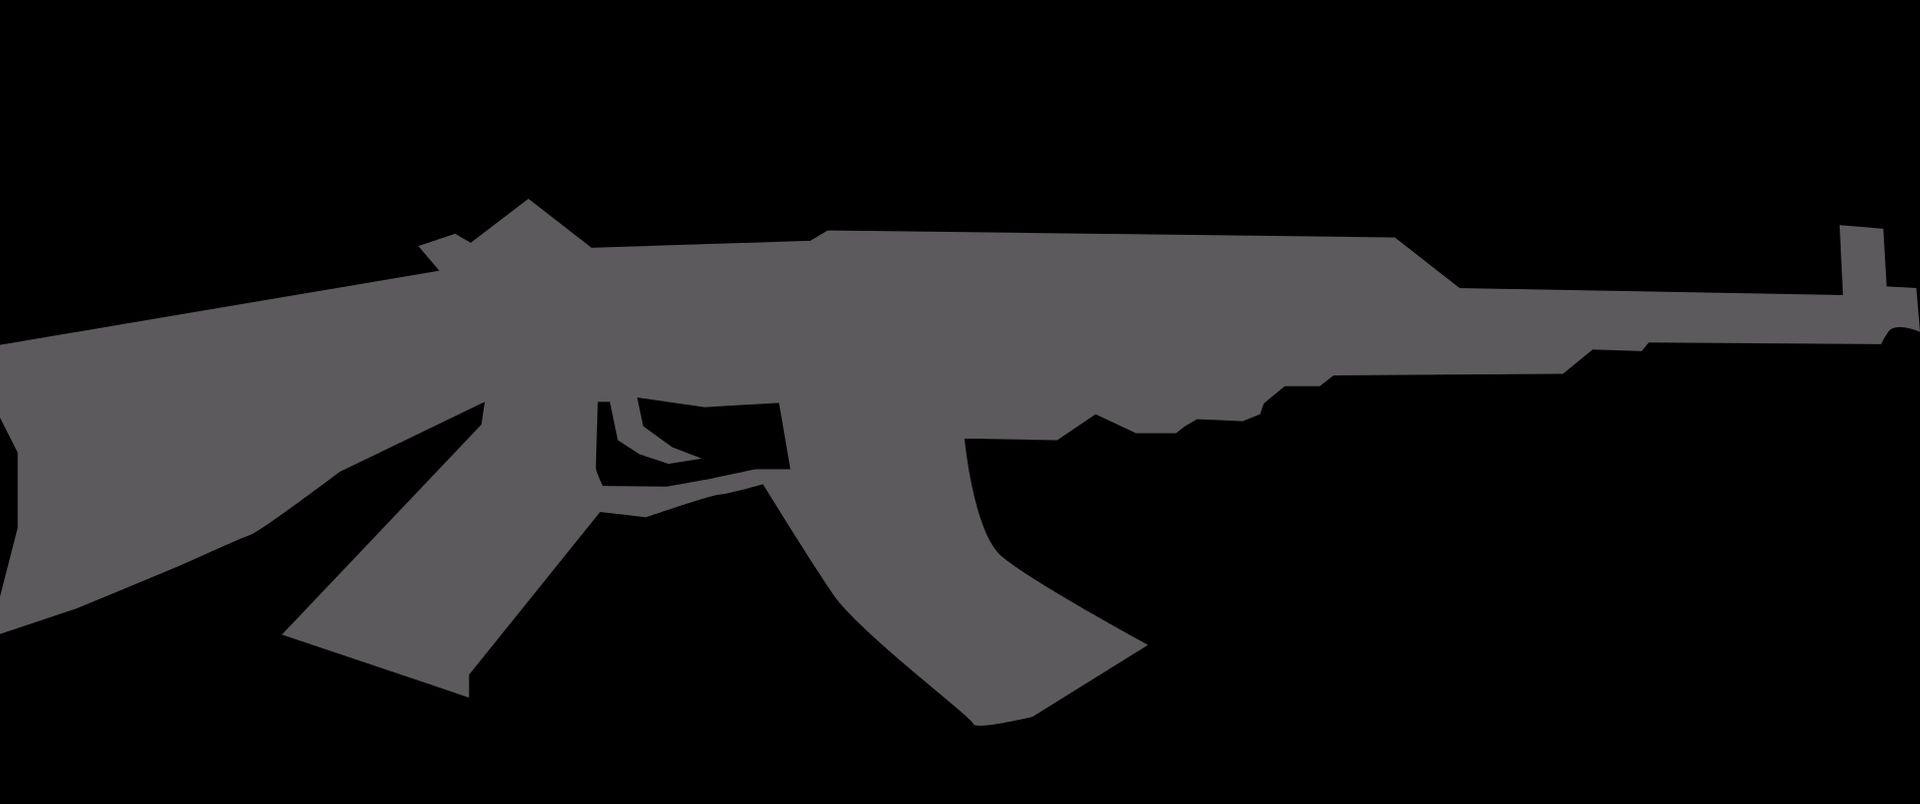 Umro osumnjičenik za pucnjavu blizu Los Angelesa, policija pokušava otkriti motive